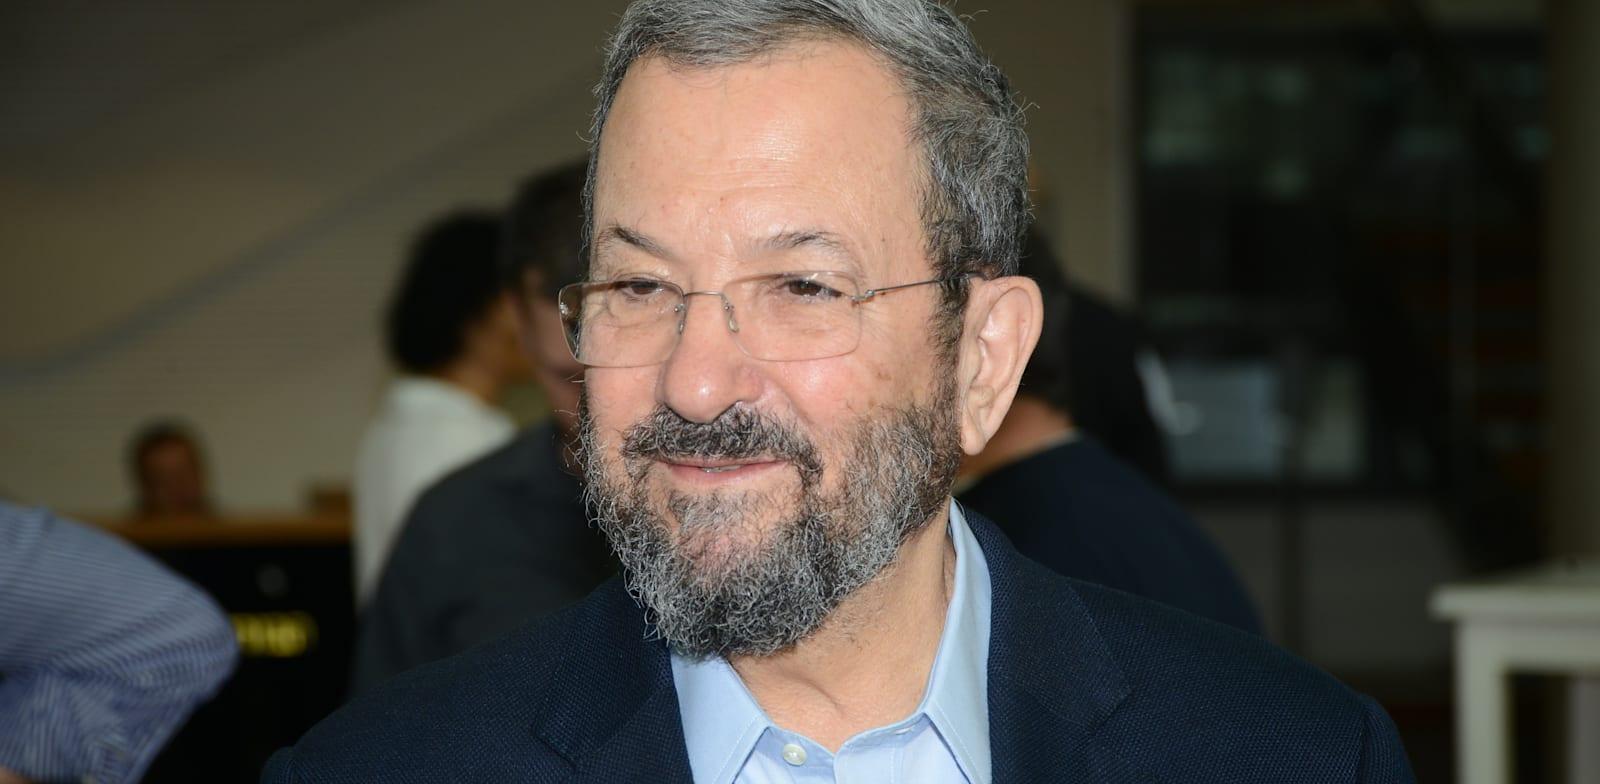 Ehud Barak Photo: Eyal Izhar